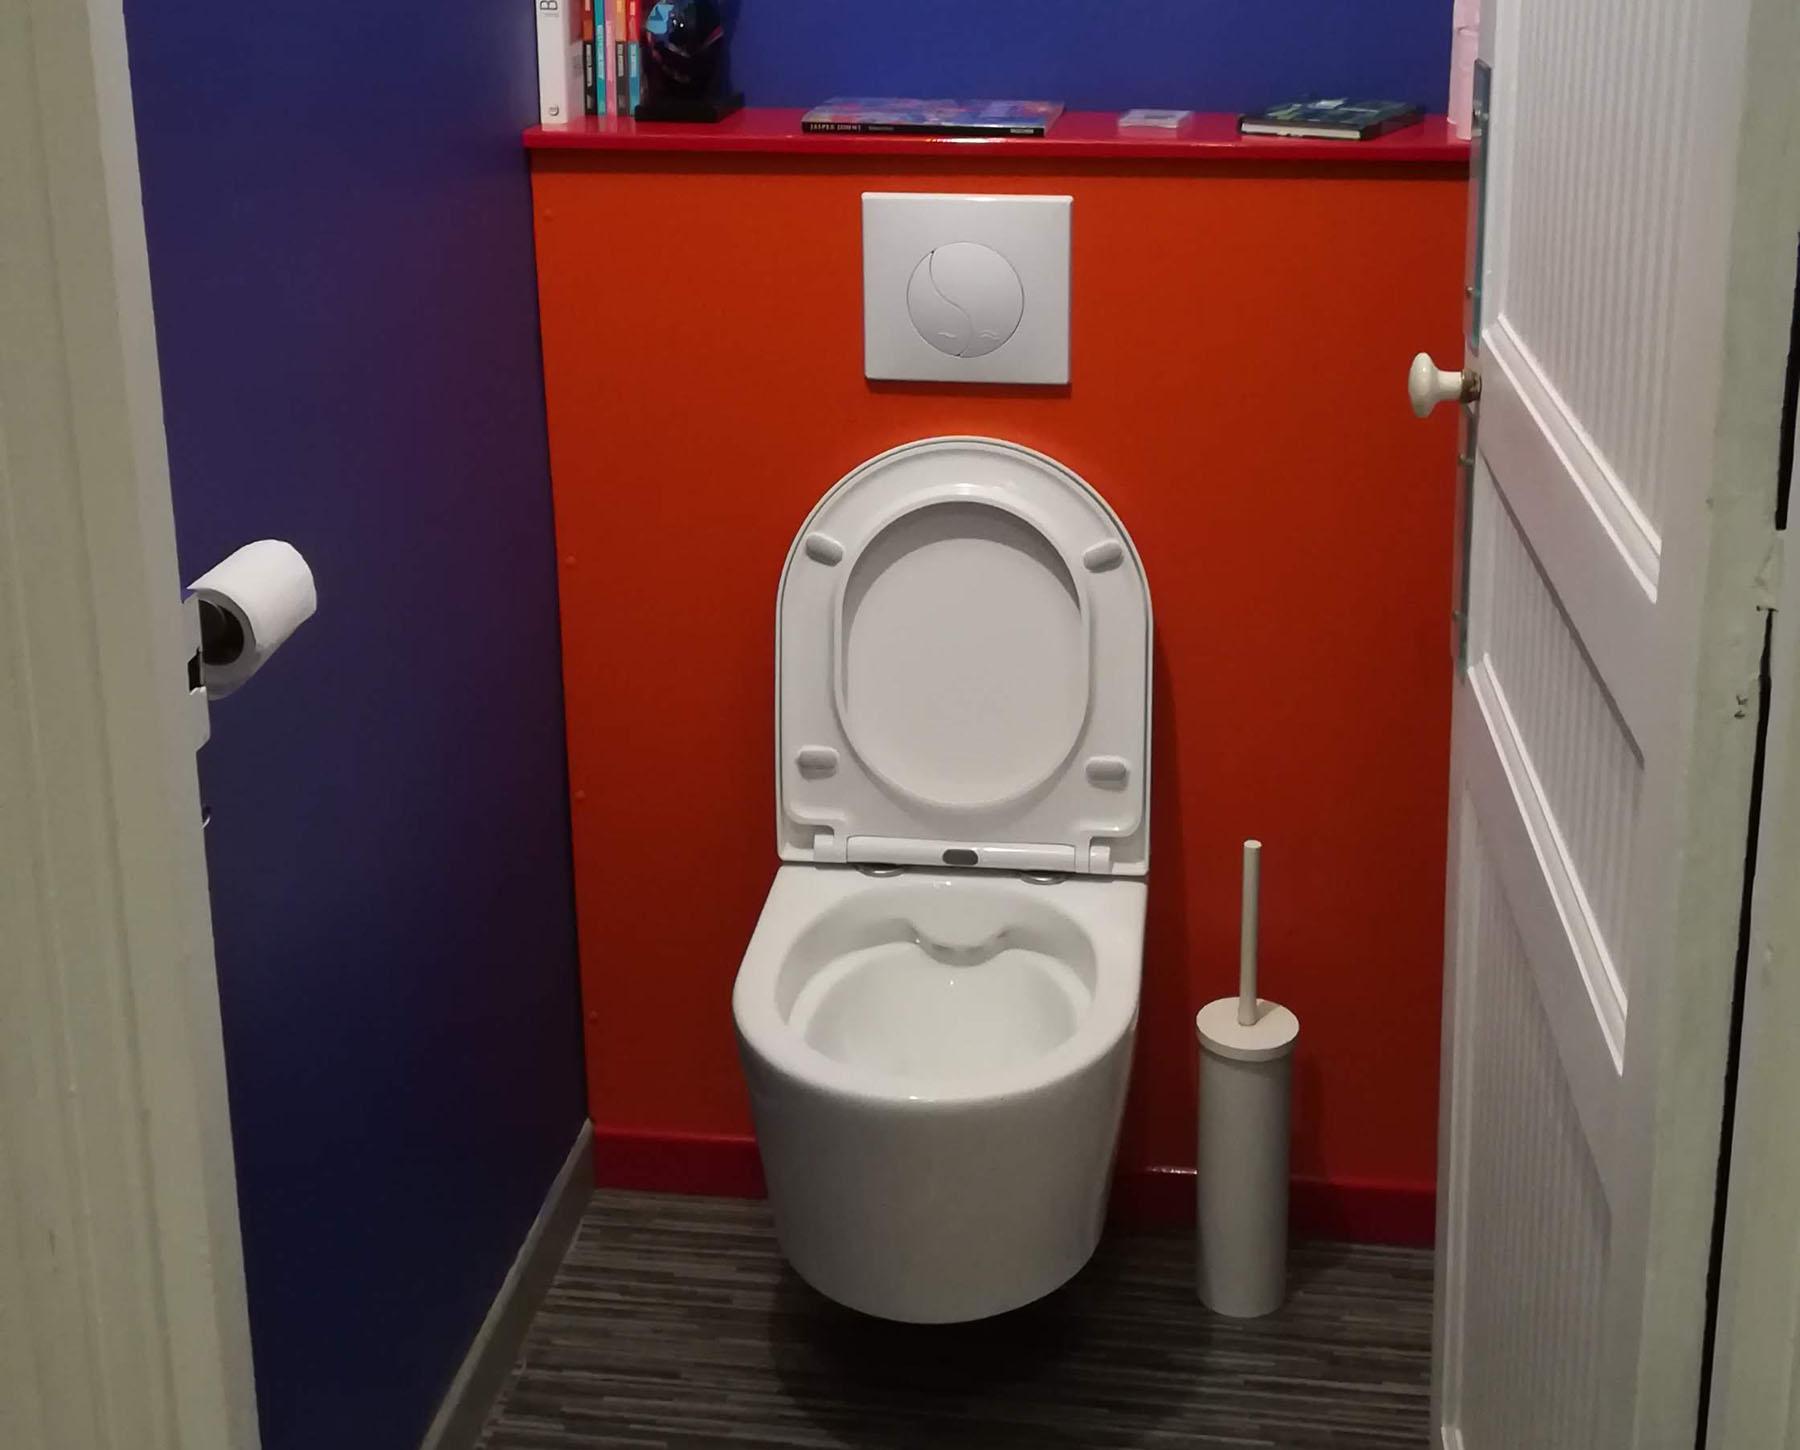 Wc Suspendu 4 Pieds pose d'un wc suspendu avec repiquage - pasbanal